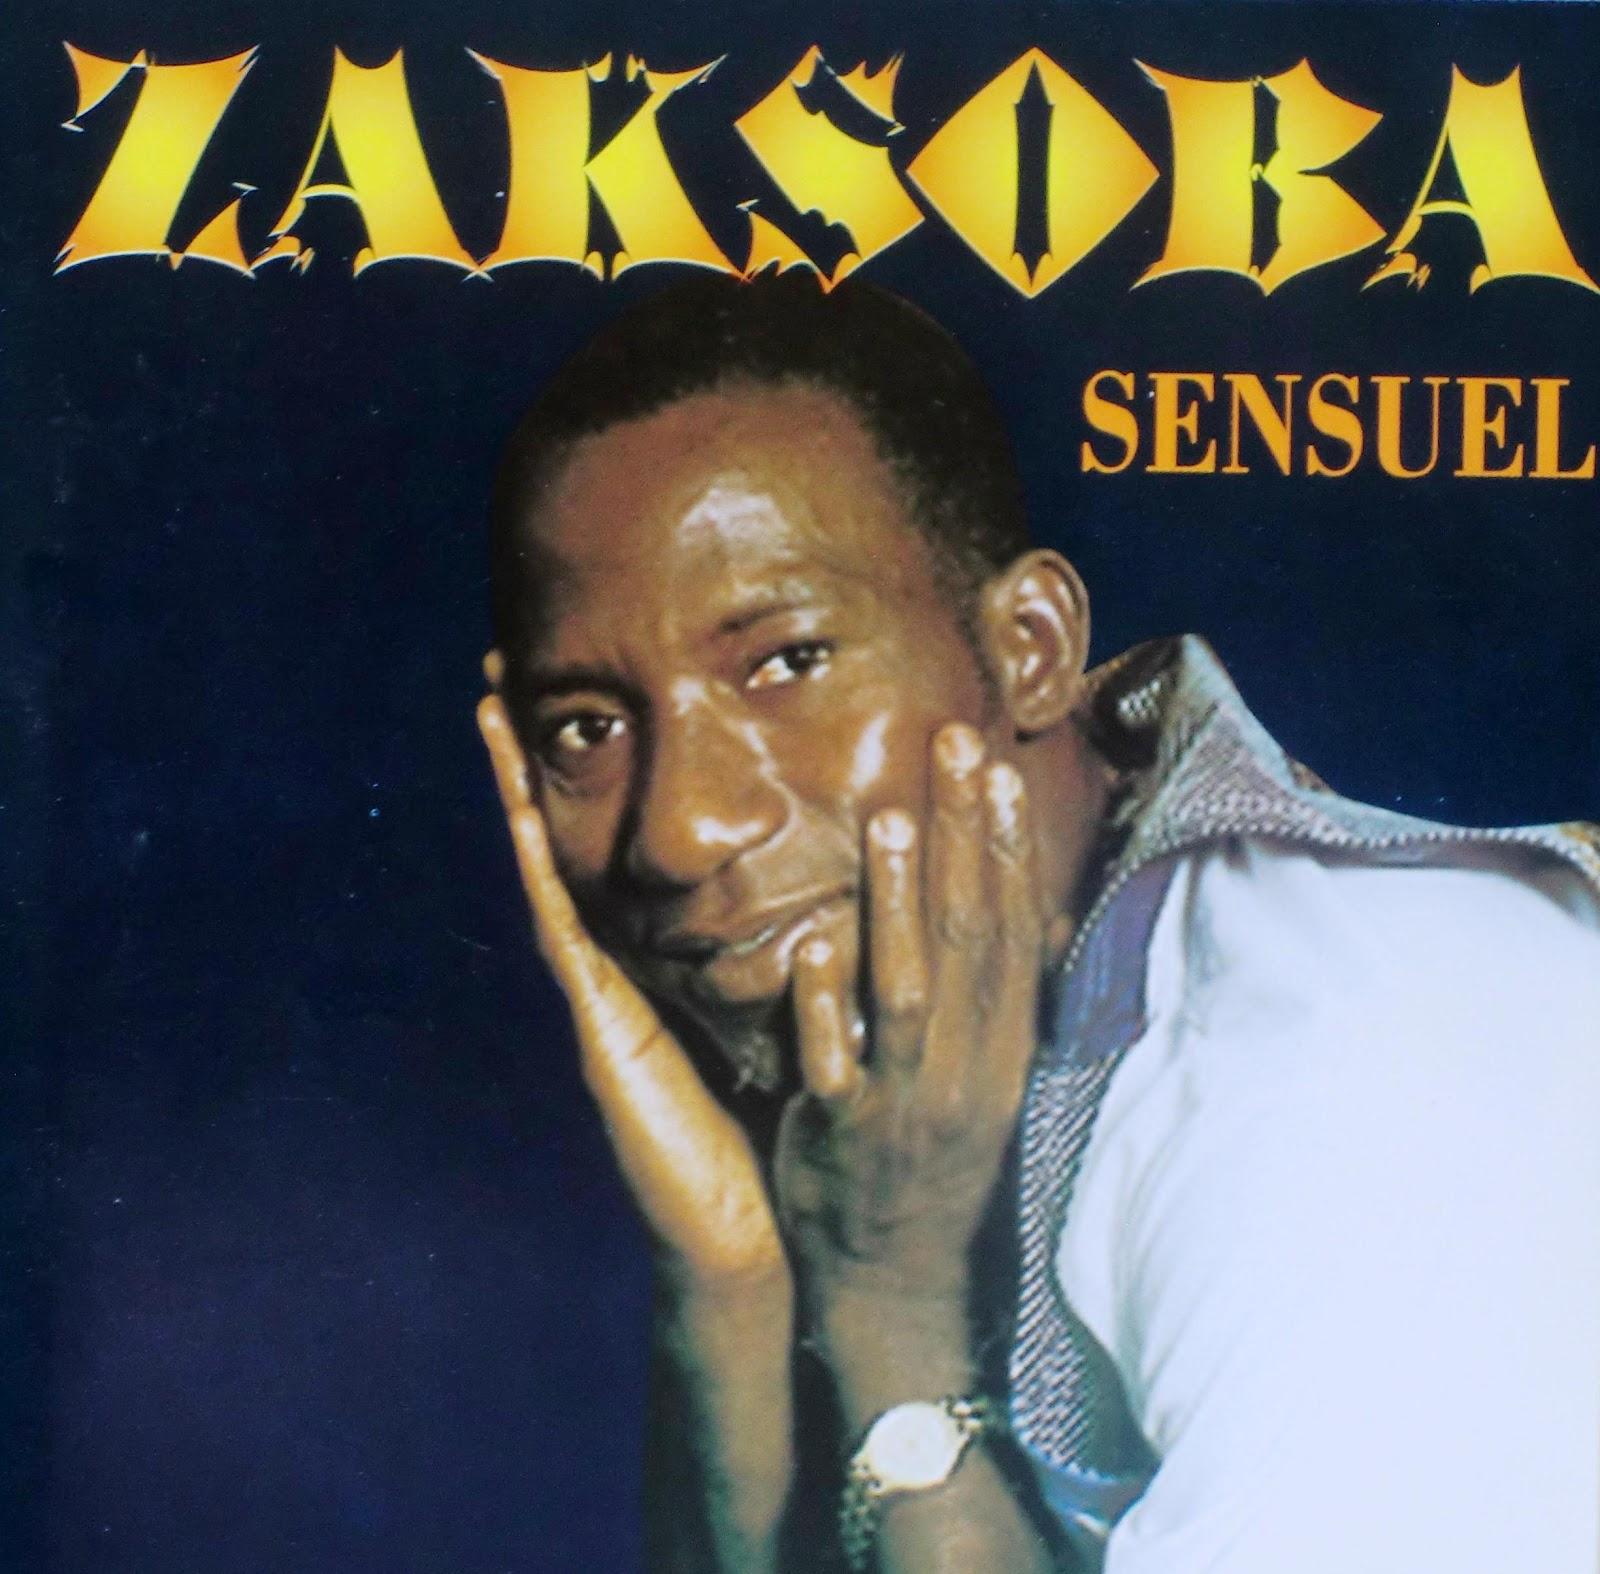 http://3.bp.blogspot.com/-FKGGTpq_Uqs/UBliAwGoGRI/AAAAAAAACSs/RcAQ3K5R0Qk/s1600/1998+zaksoba+en+defao+sensuel.jpg